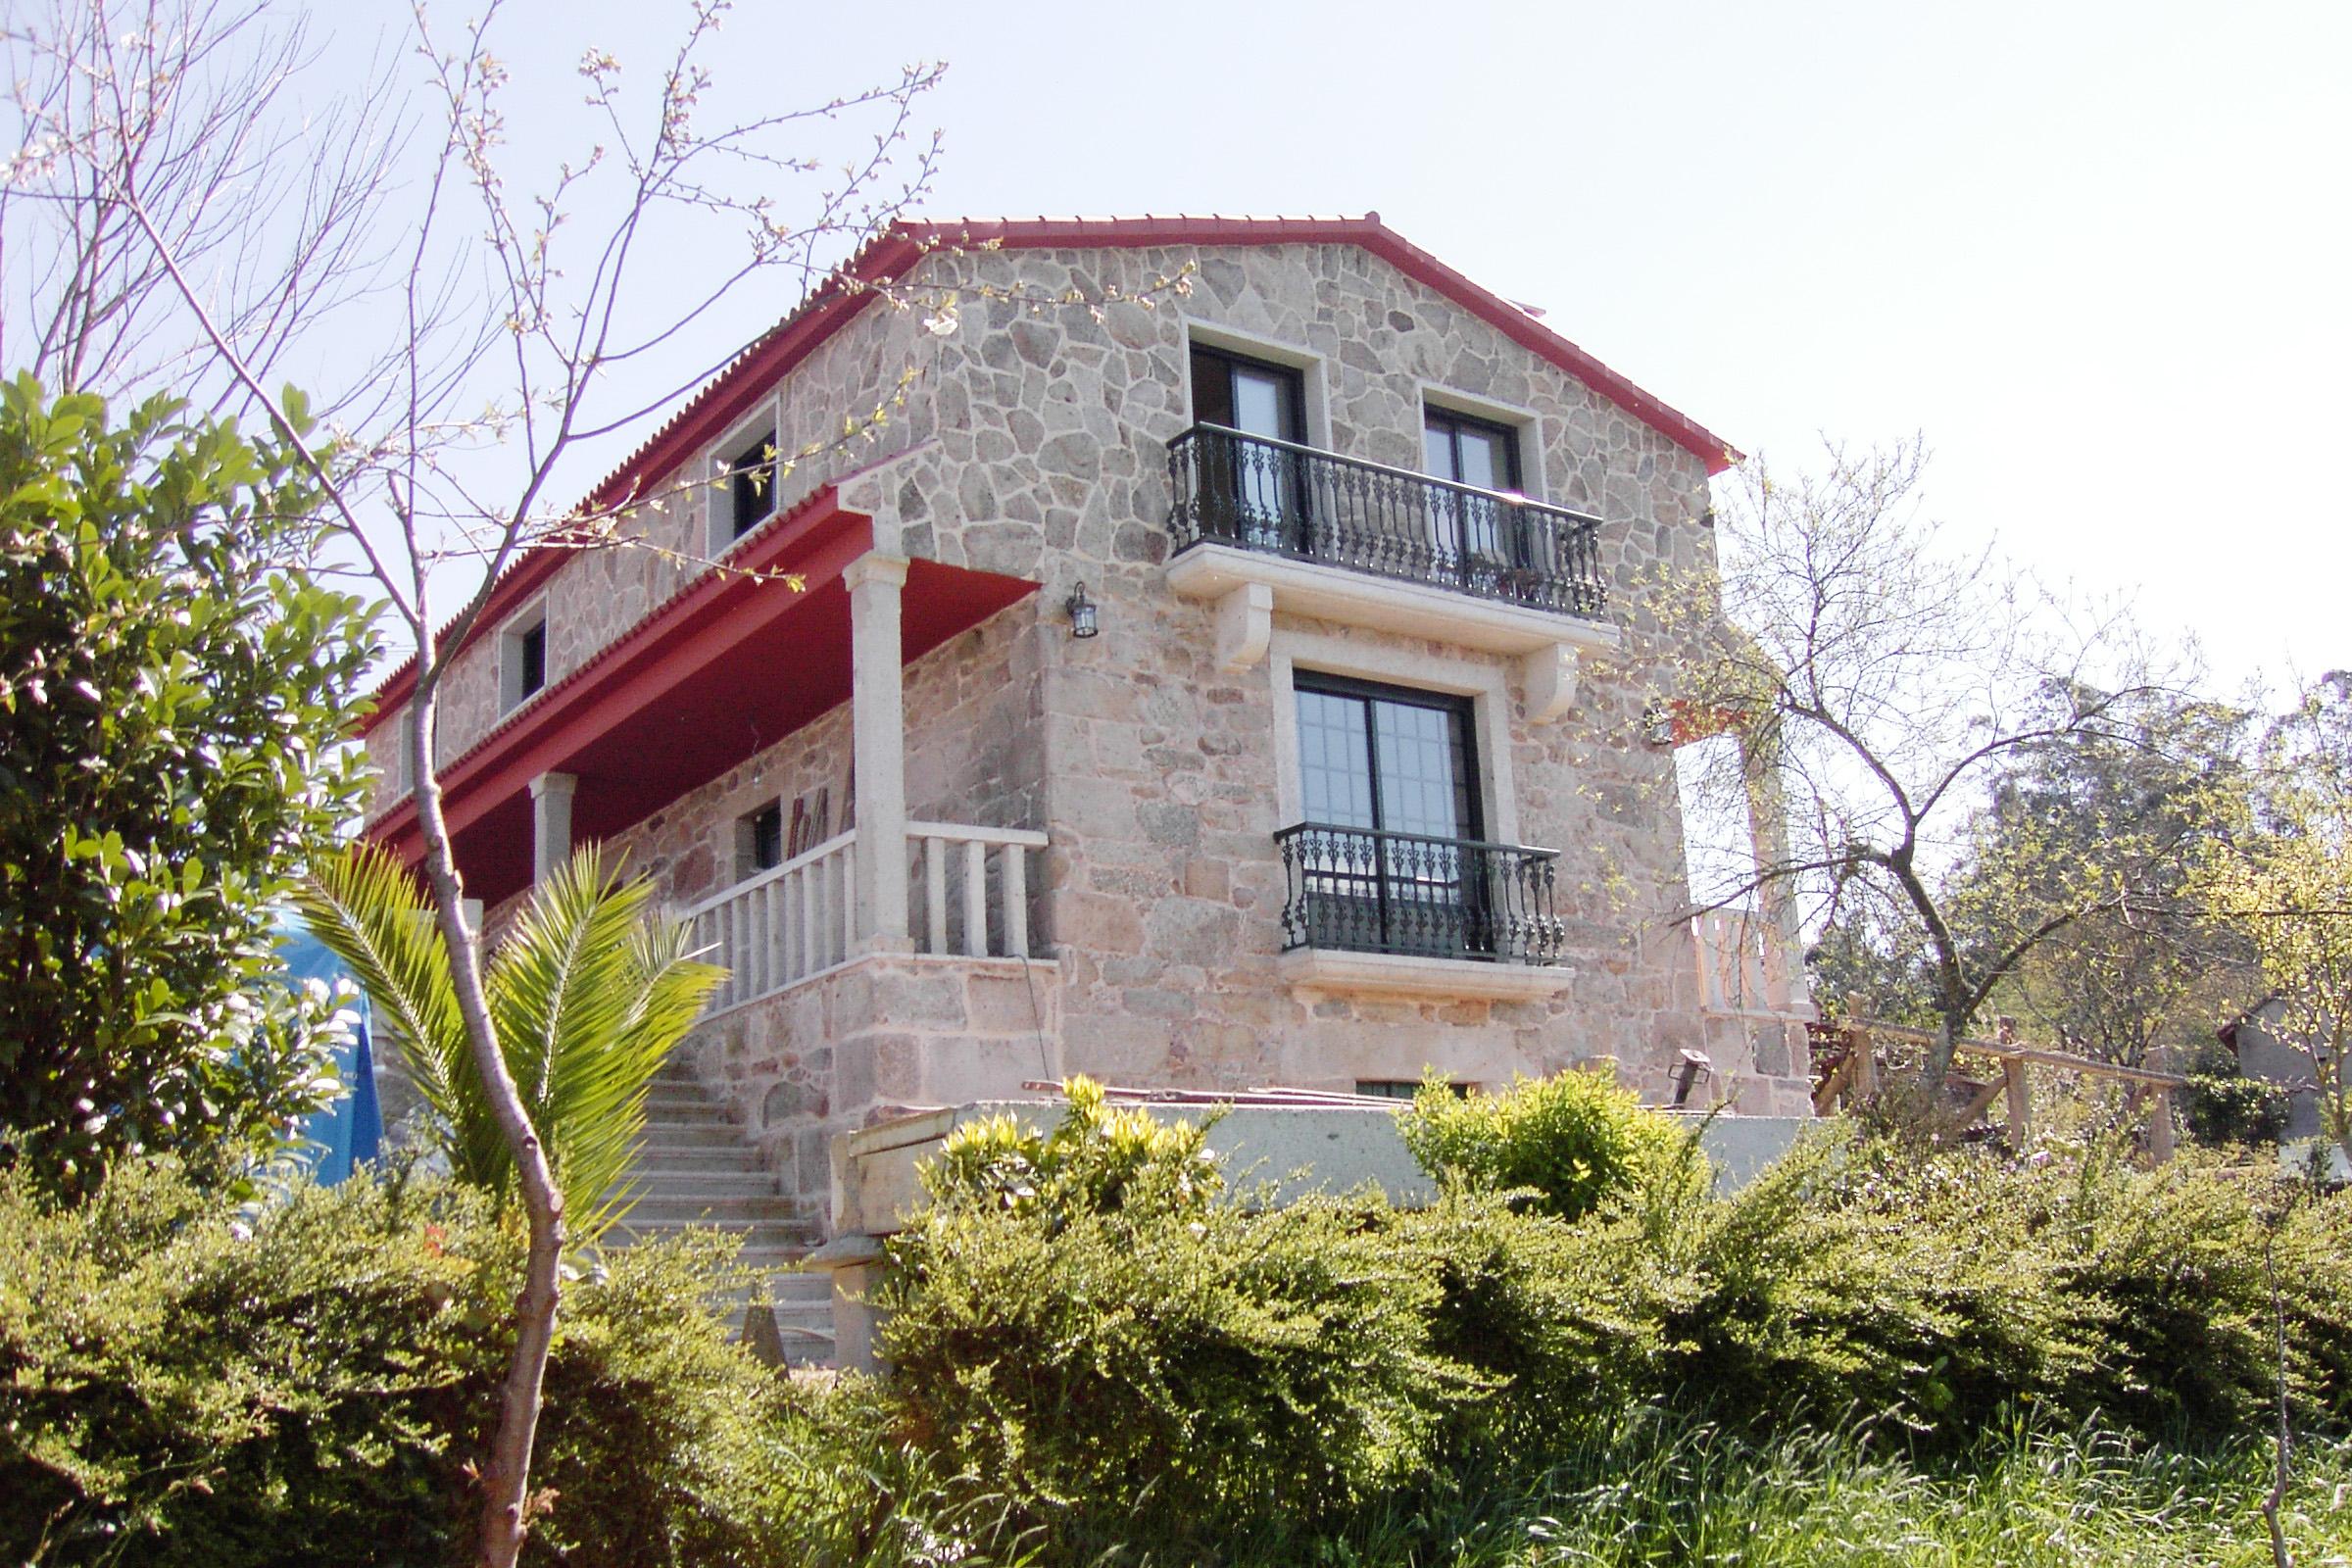 File:Casa rural Os carballos, Perdecanai, Barros, Galicia (Espagne ...